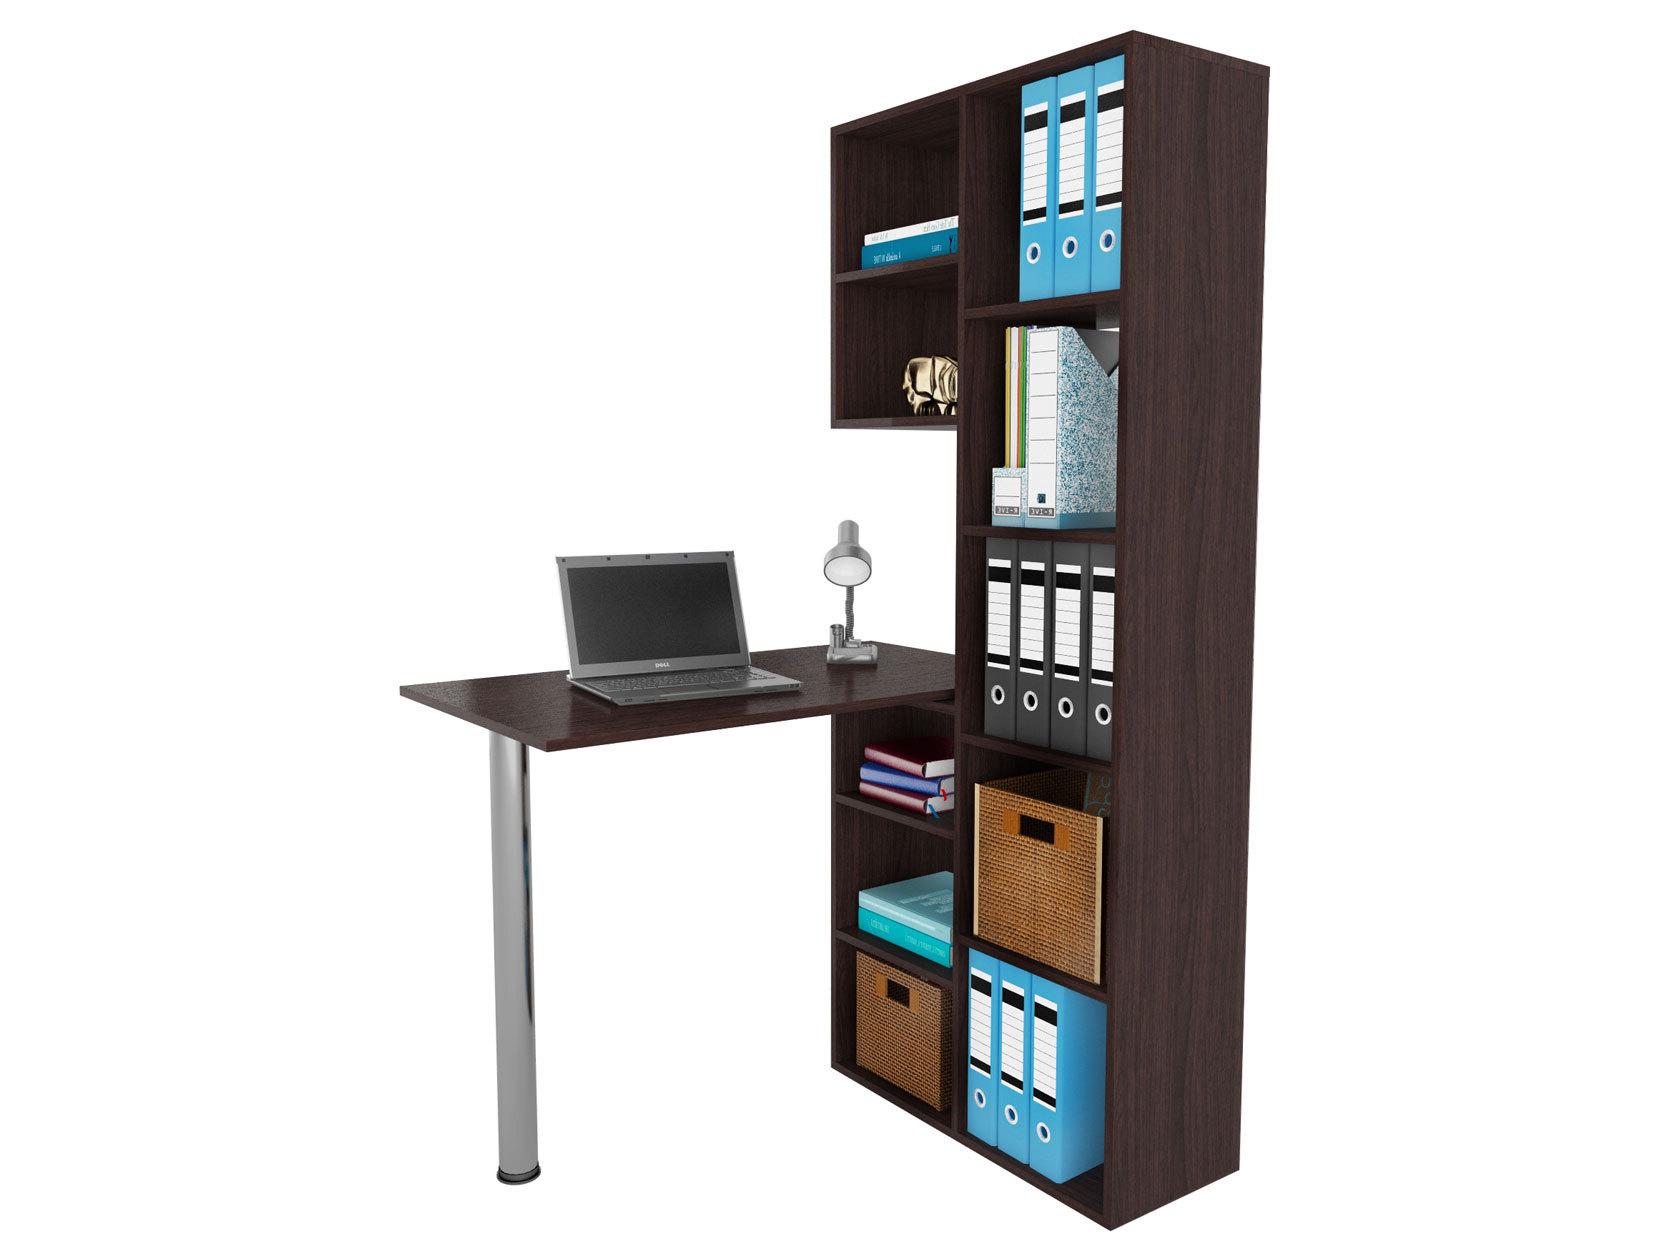 Компьютерный стол в комплекте МФ Мастер Рикс-2+Рикс-6 110x97,8x171,6, венге/хром